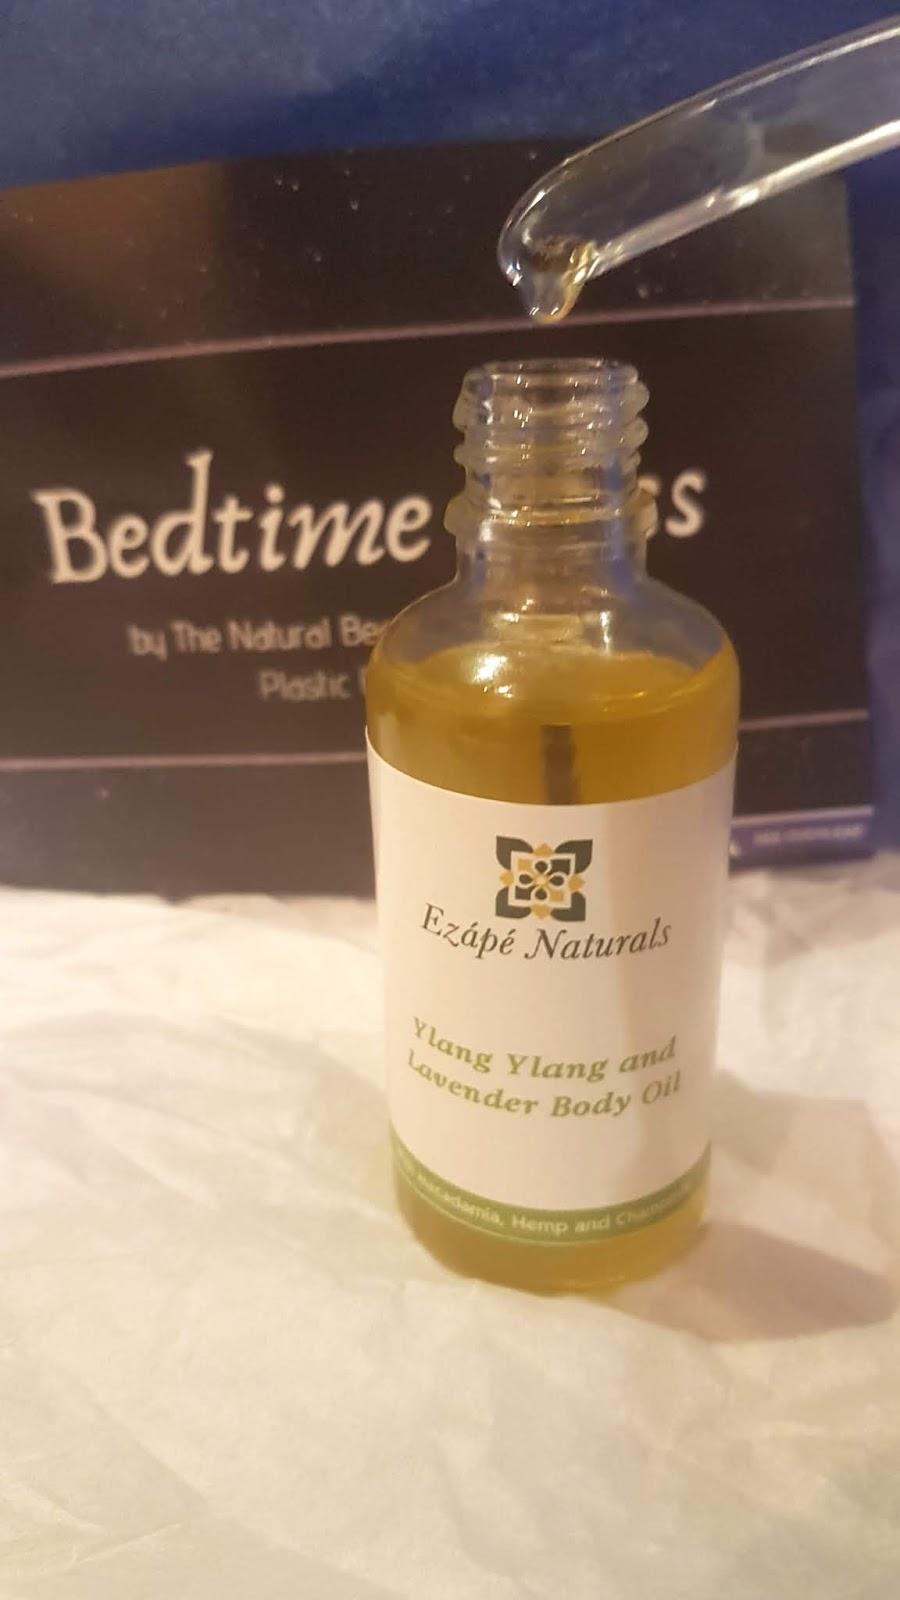 Ezape Naturals Ylang Ylang & Lavender Body Oil Review - The Natural Beauty Box